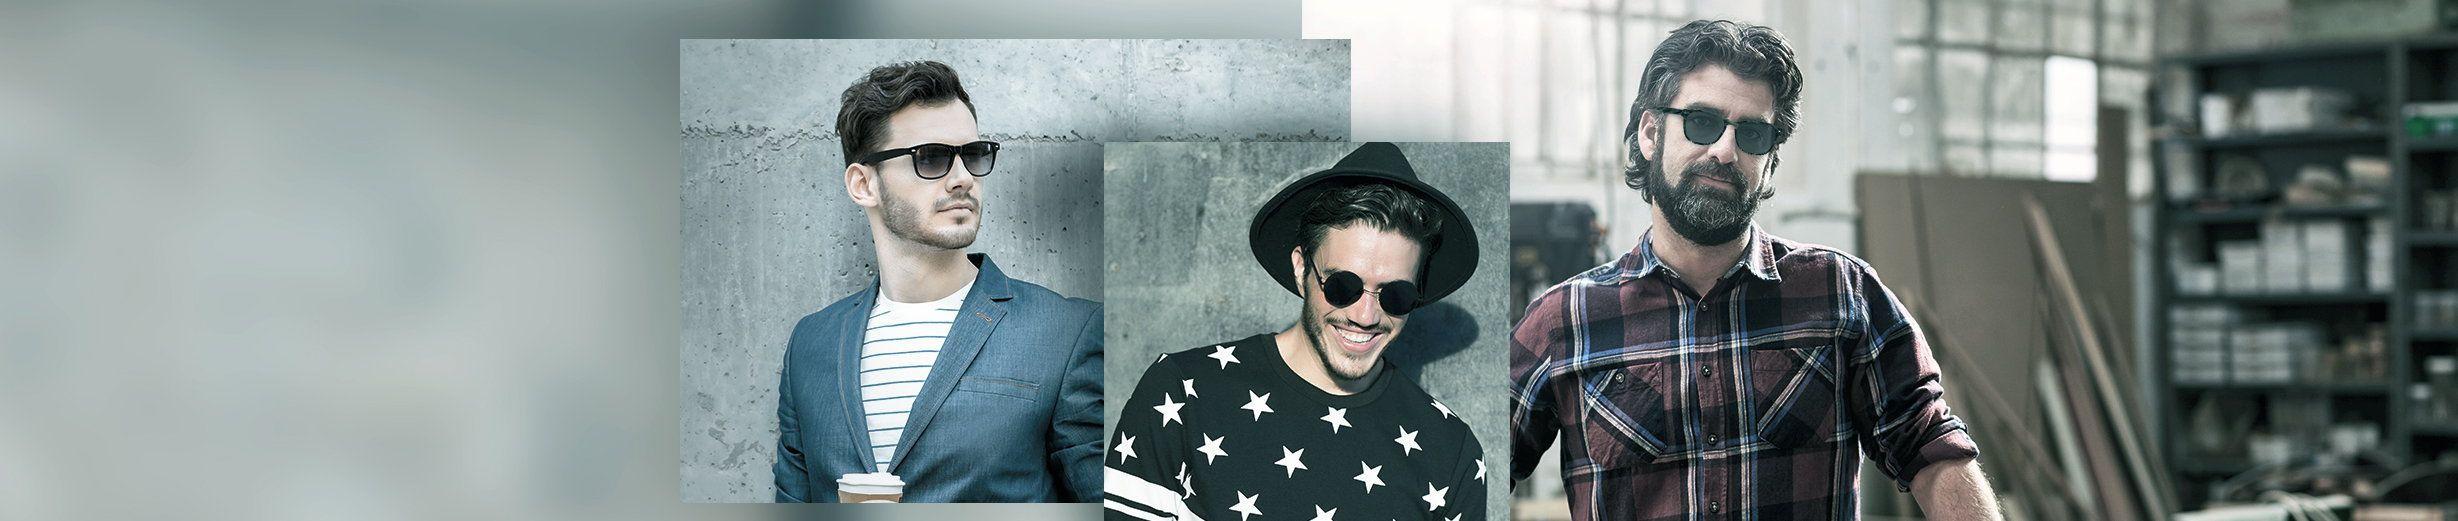 Glassesgallery - Men sunglasses banner